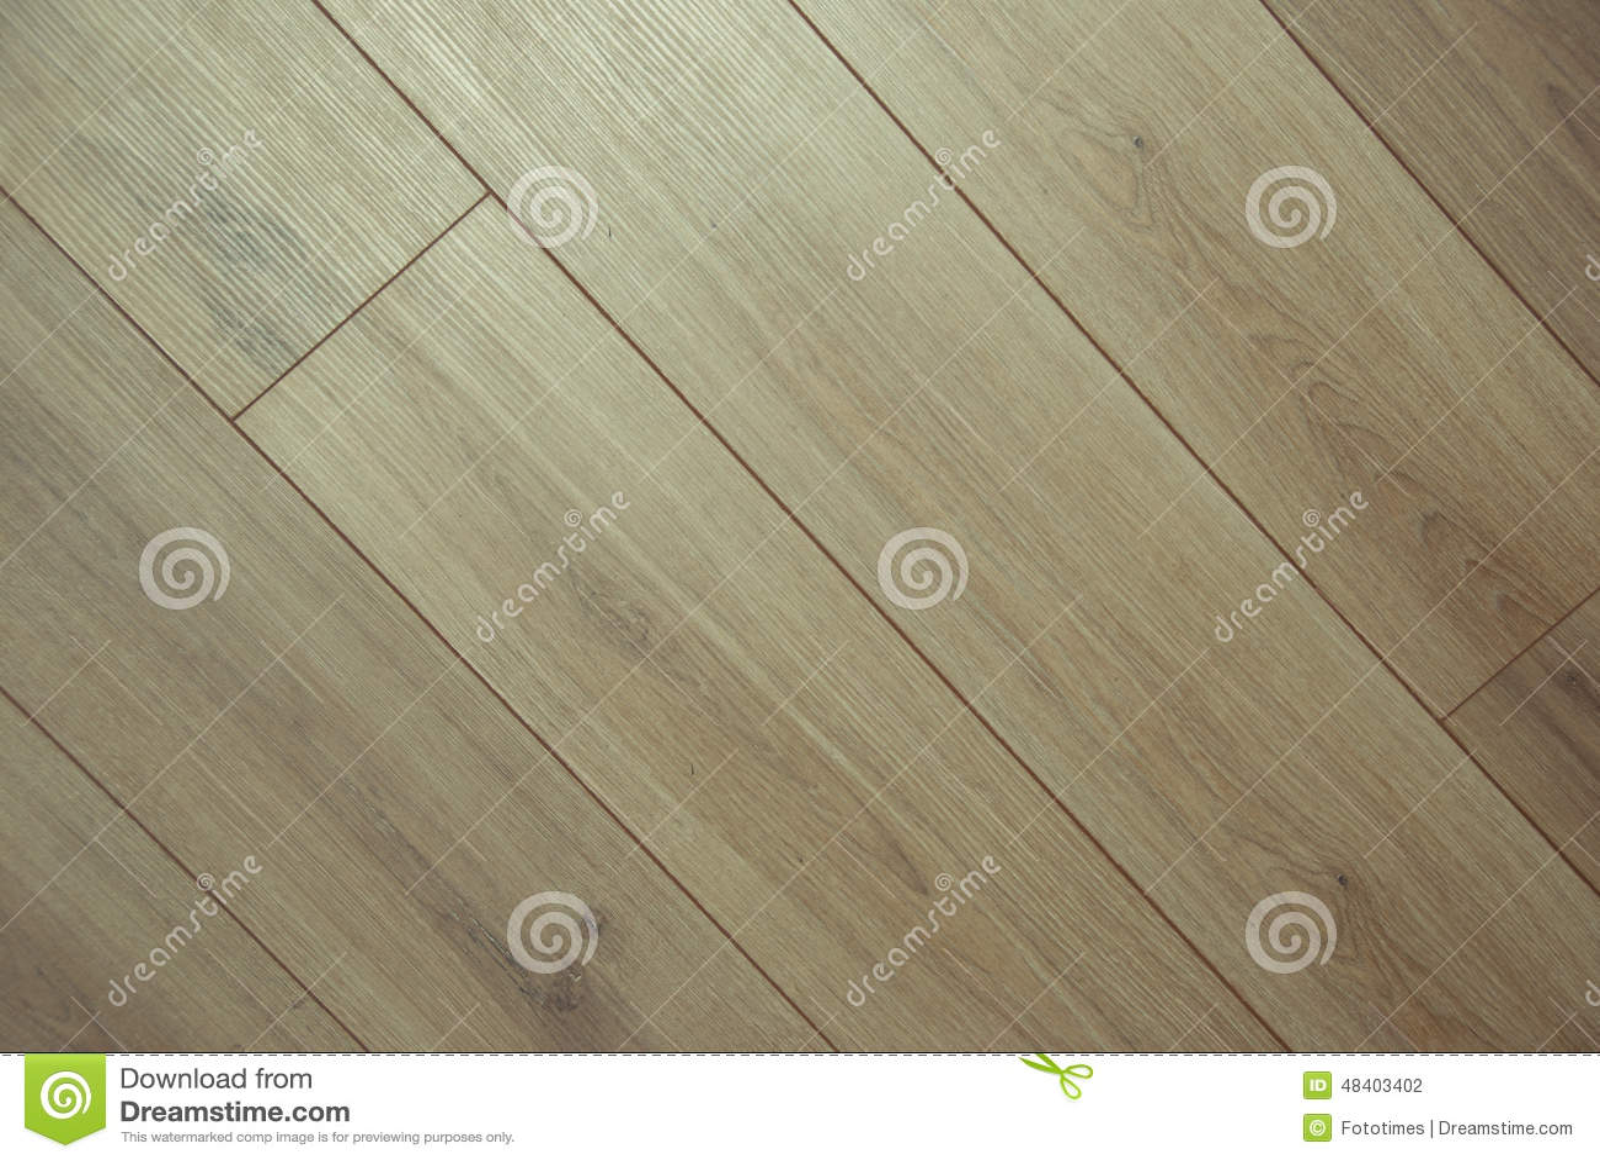 au sol en bois de texture photo stock image du ground 48403402. Black Bedroom Furniture Sets. Home Design Ideas